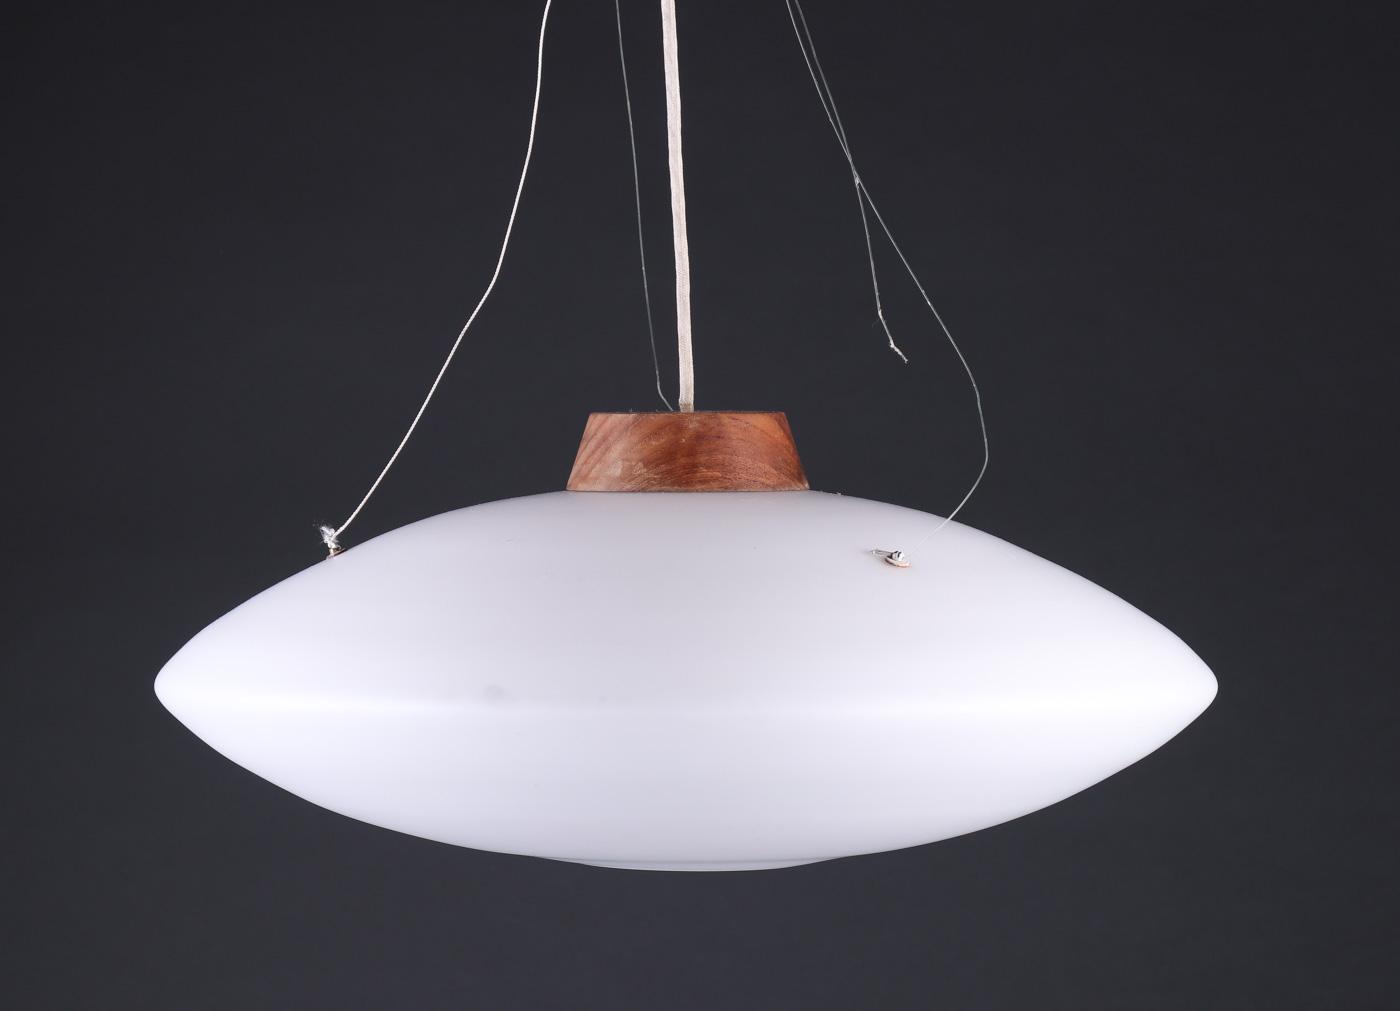 Pendel af opalglas og messing, 1960erne - Pendel af opalglas, top af teaktræ, ophængt i liner, Ø ca. 52 cm. 1960erne. Fremstår med brugsspor; ene ophængsbeslag mgl. tap